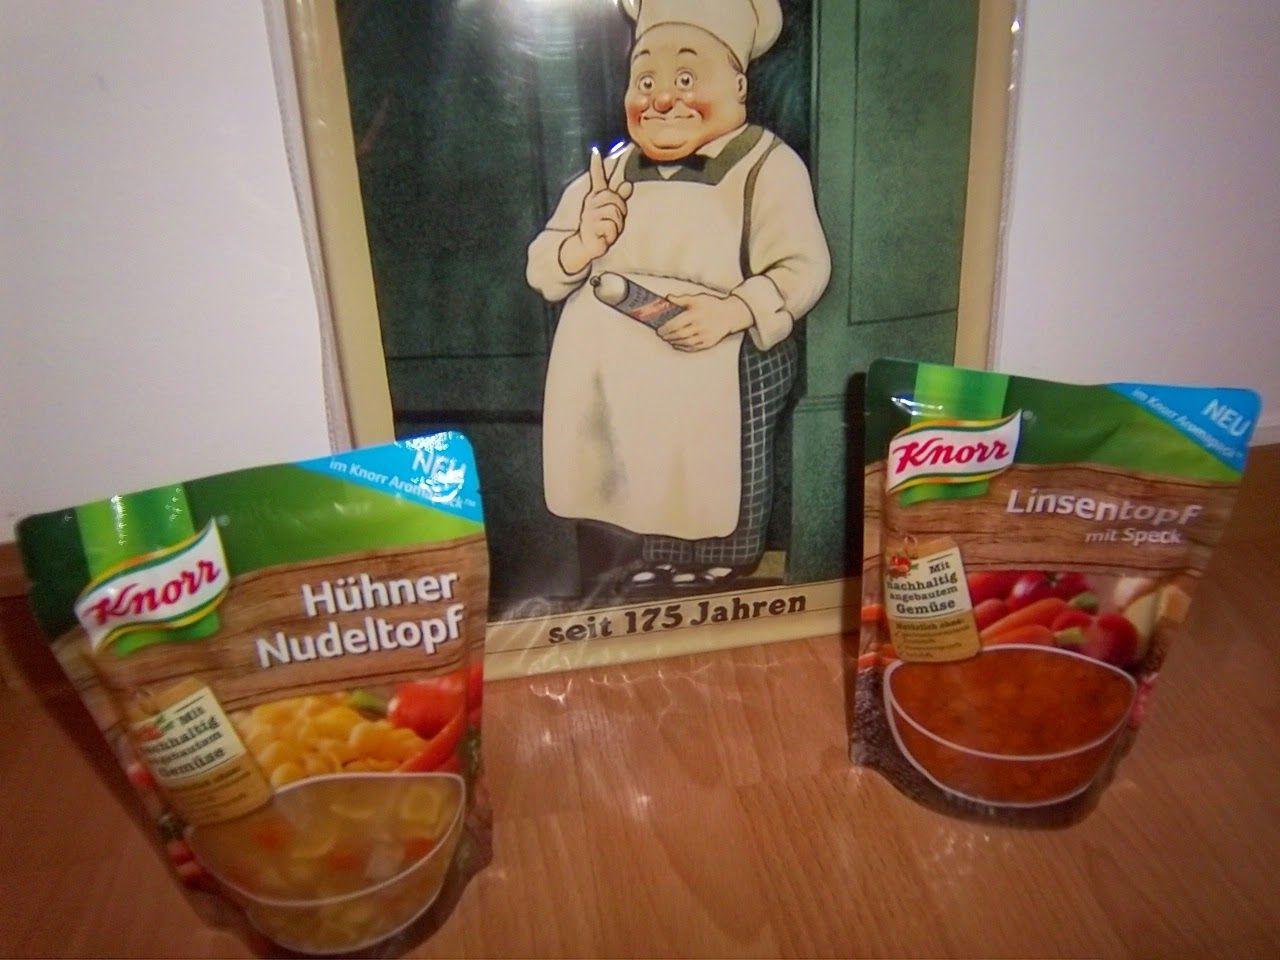 Meine Lounge: Entdeckt  jetzt gratis die neuen Eintöpfe von Knorr im Knorr Aromapack®.